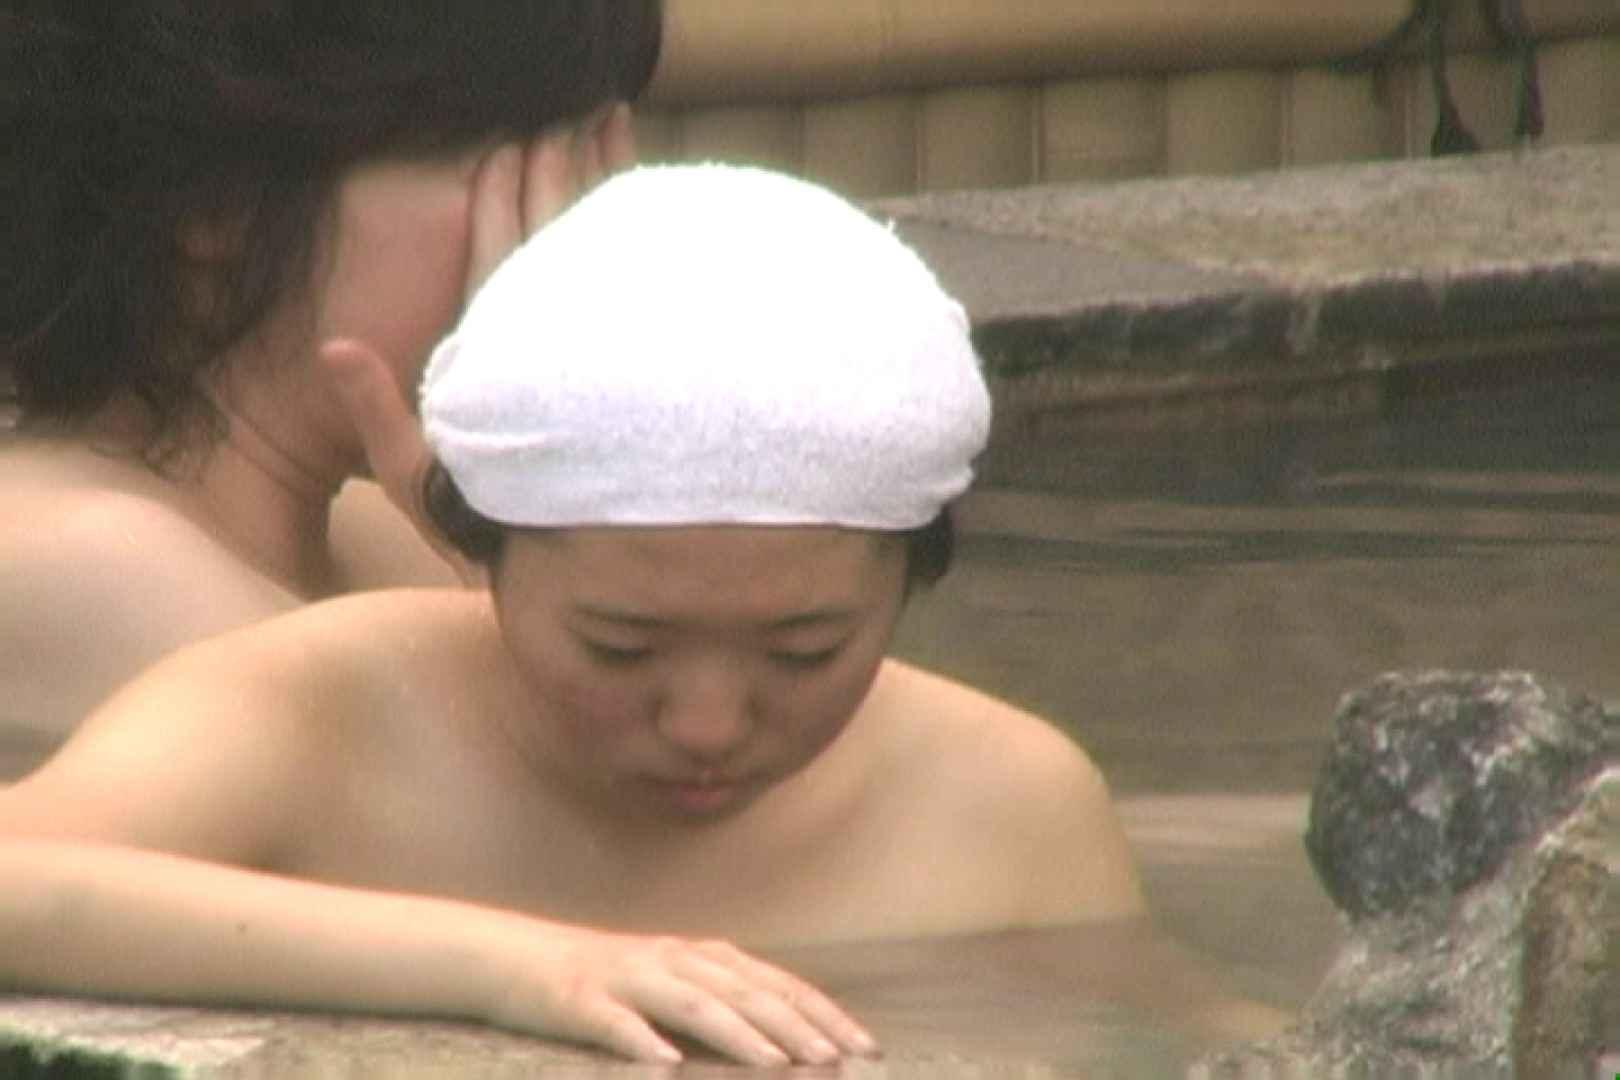 Aquaな露天風呂Vol.627 OLのエロ生活 | 盗撮  80連発 19